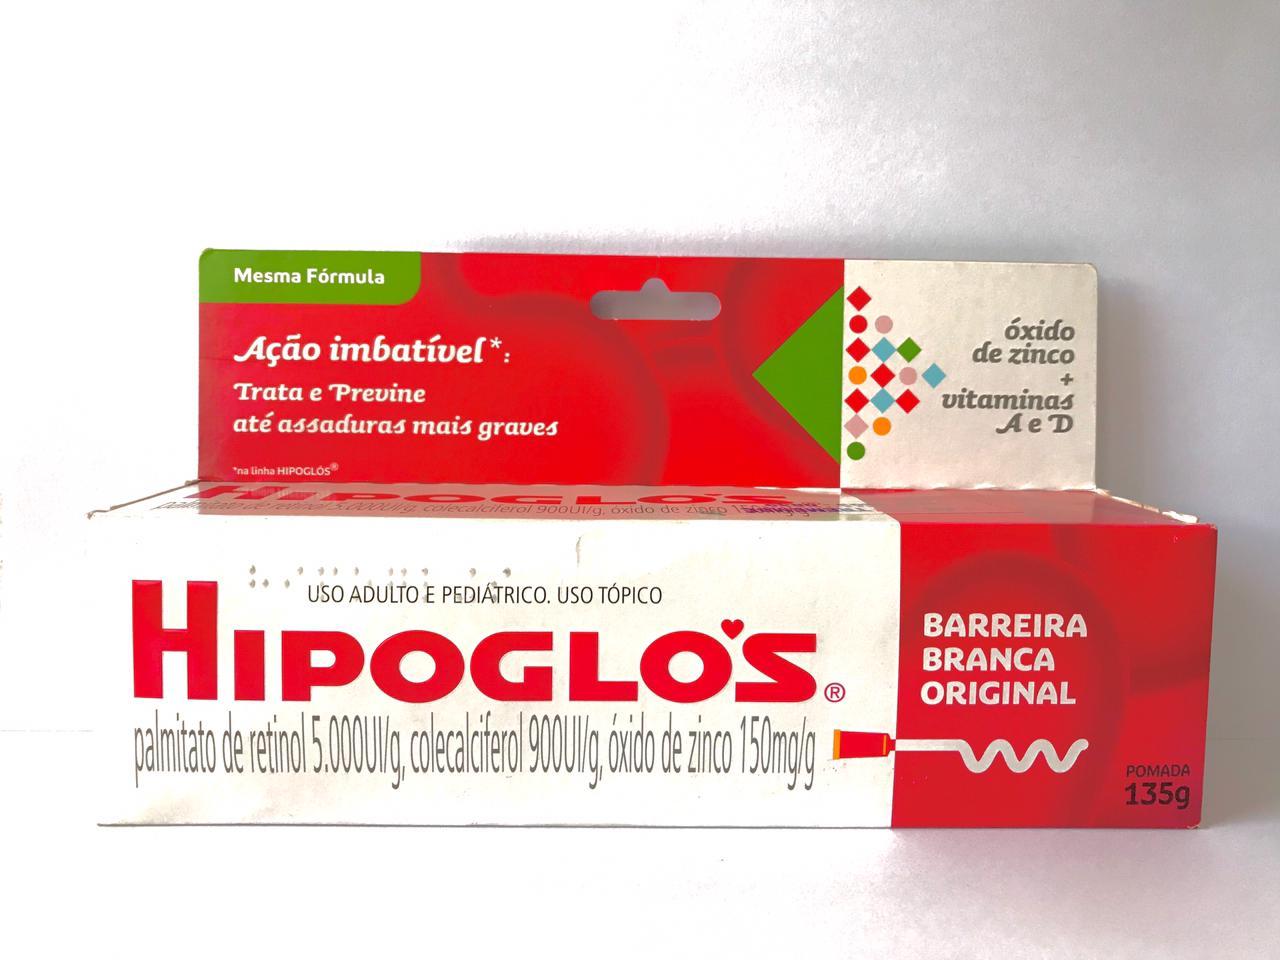 HIPOGLOS CREME CONTRA ASSADURAS ORIGINAL 135 GR